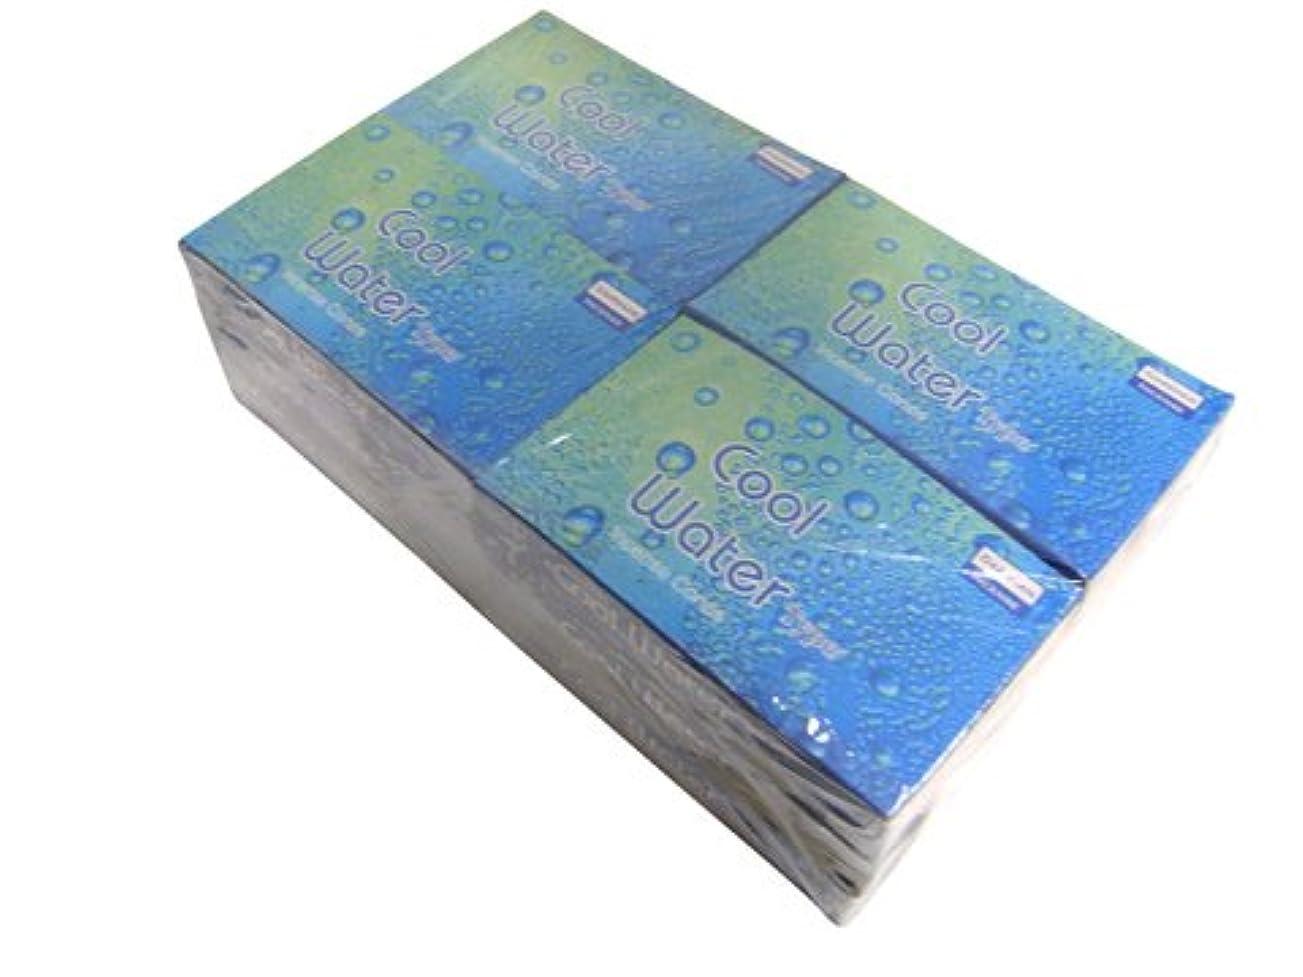 ダッシュ分析するアニメーションDARSHAN(ダルシャン) クールウォーター香 コーンタイプ COOL WATER CORN 12箱セット